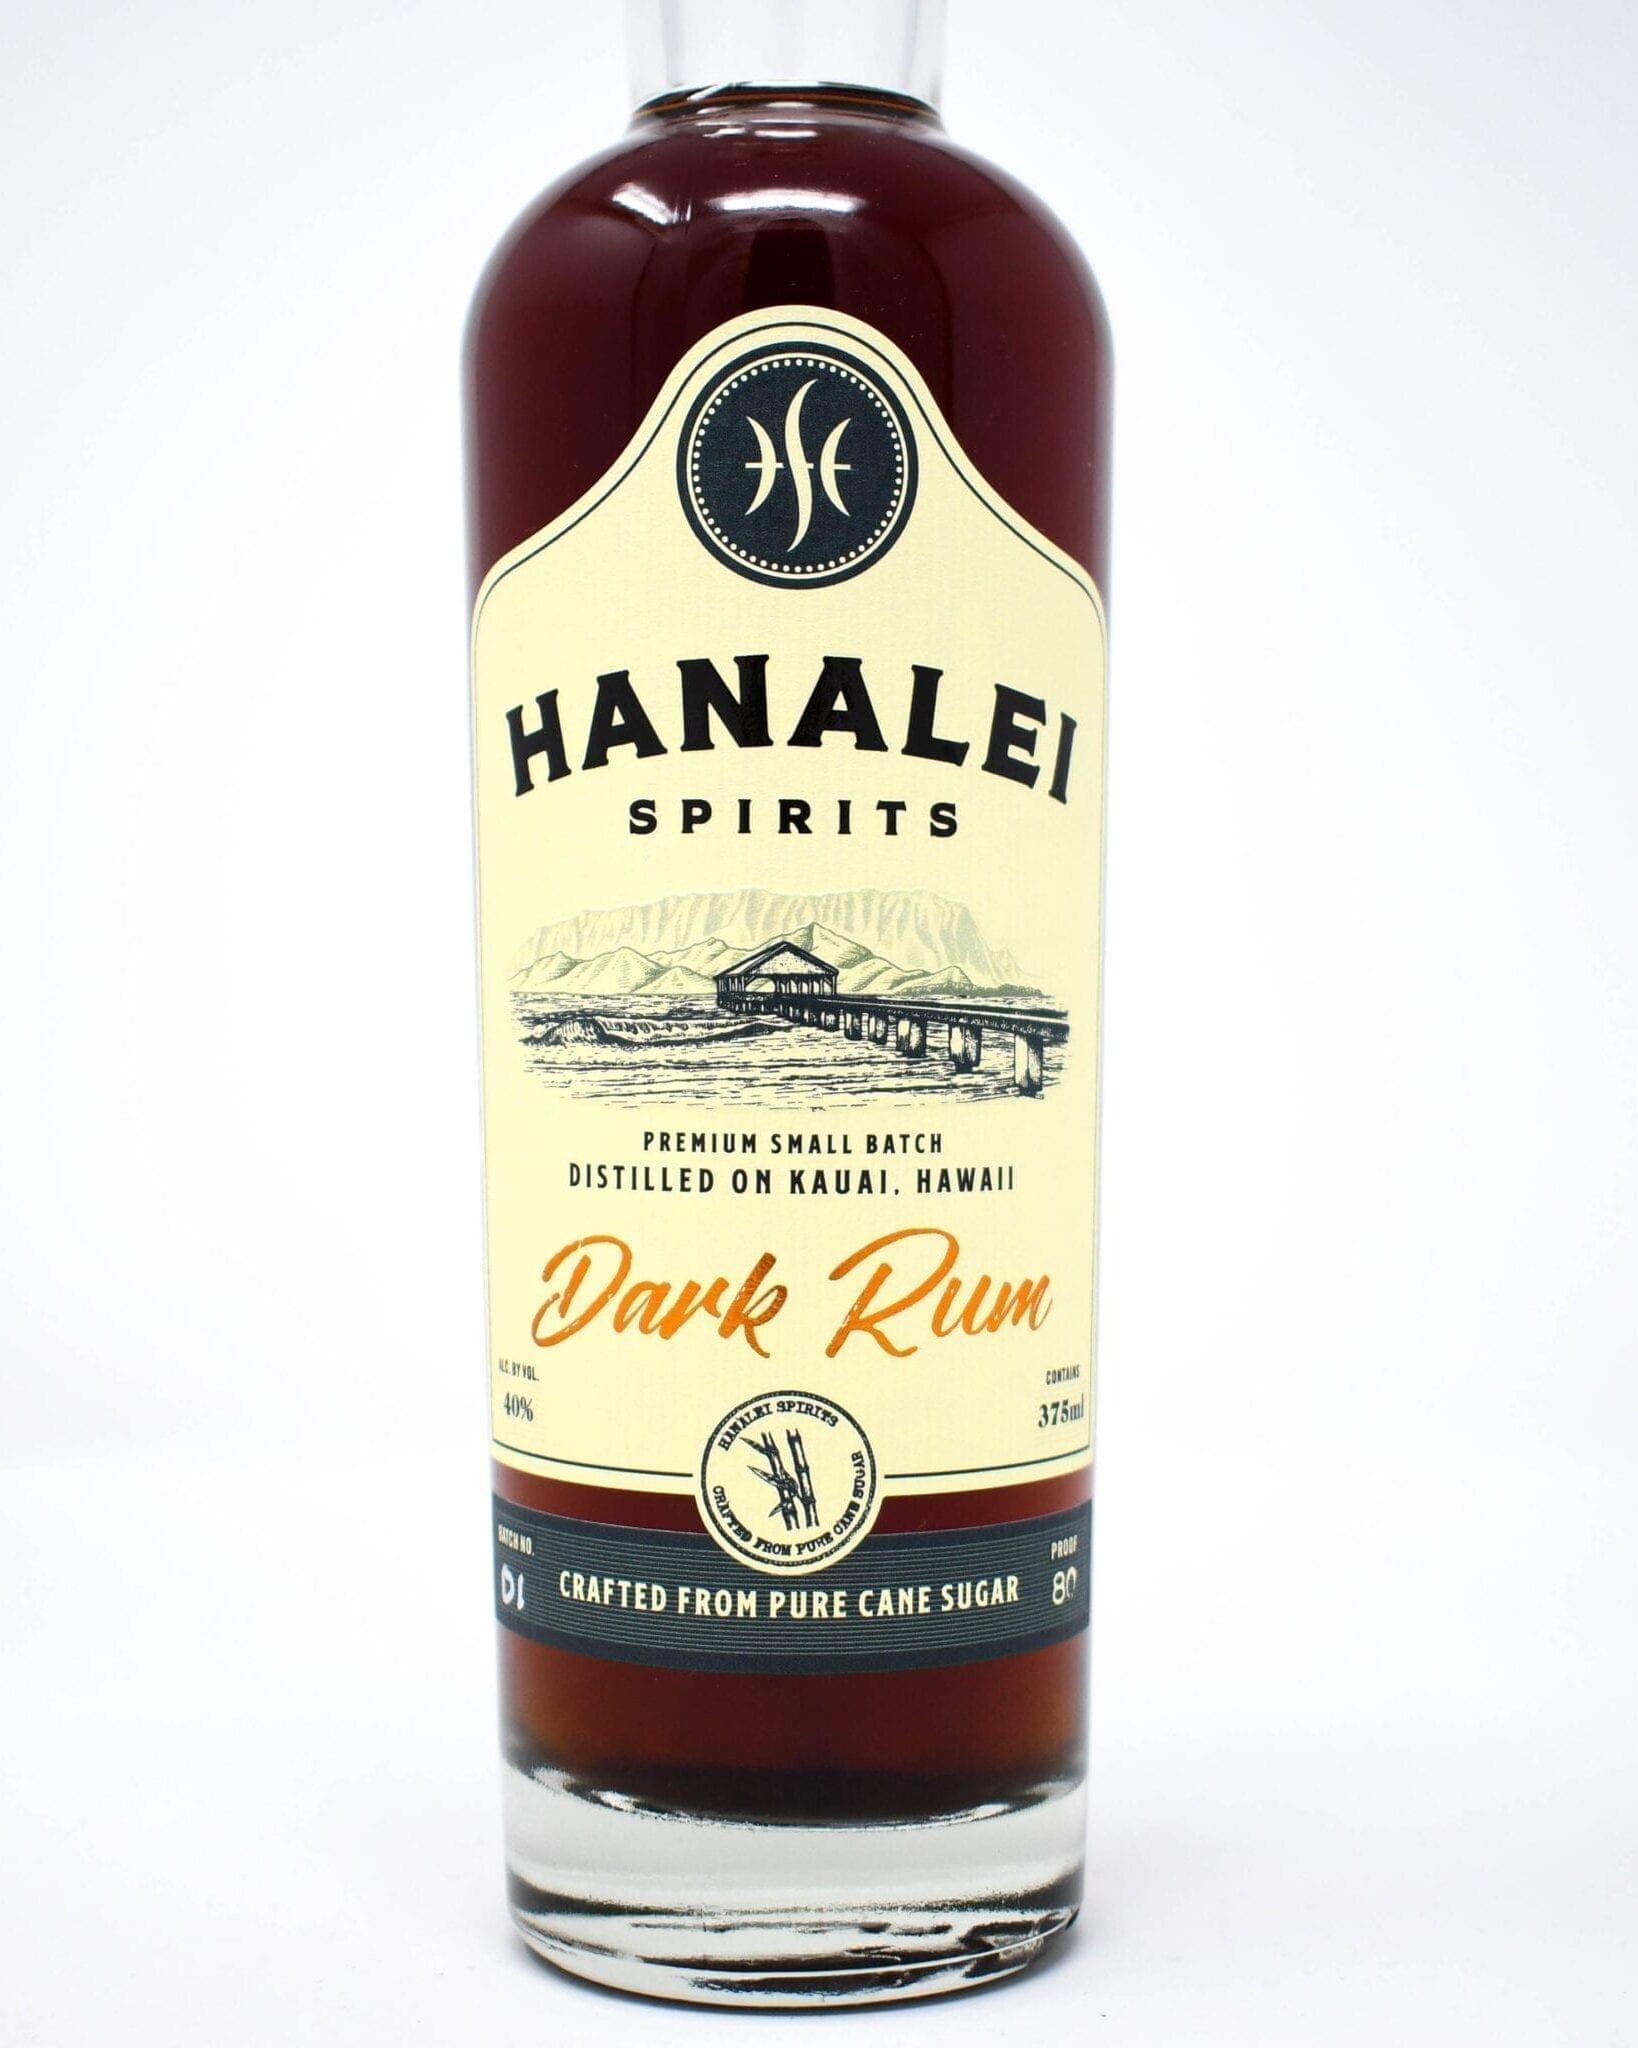 Hanalei Spirits Dark Rum 375ml